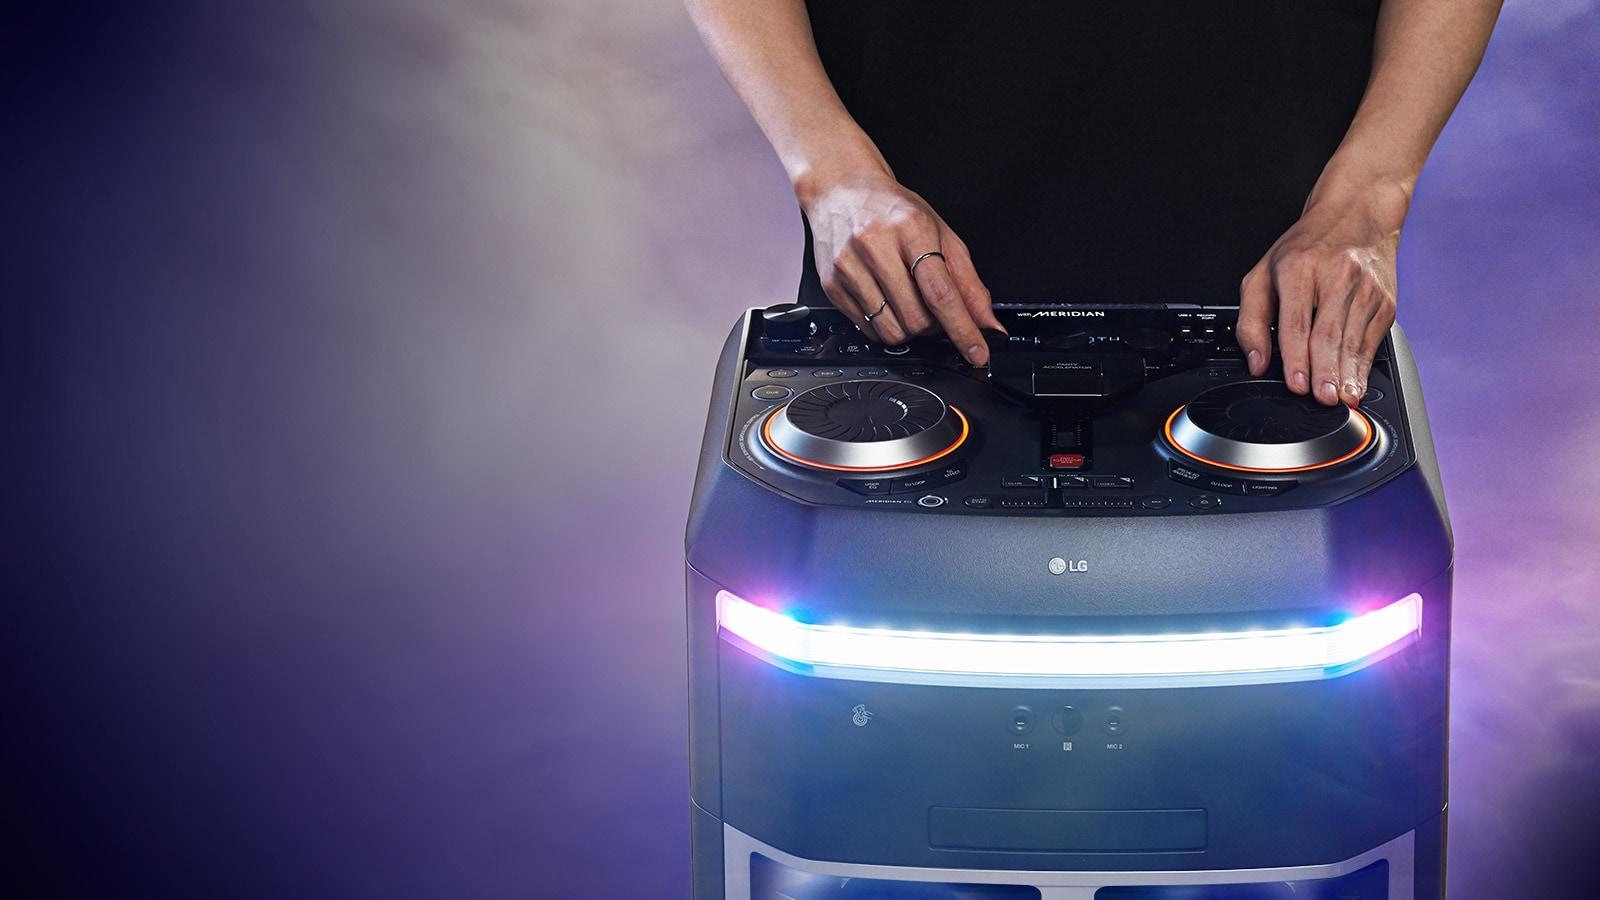 CAV Onebody-OL100-04-DJ Star Desktop